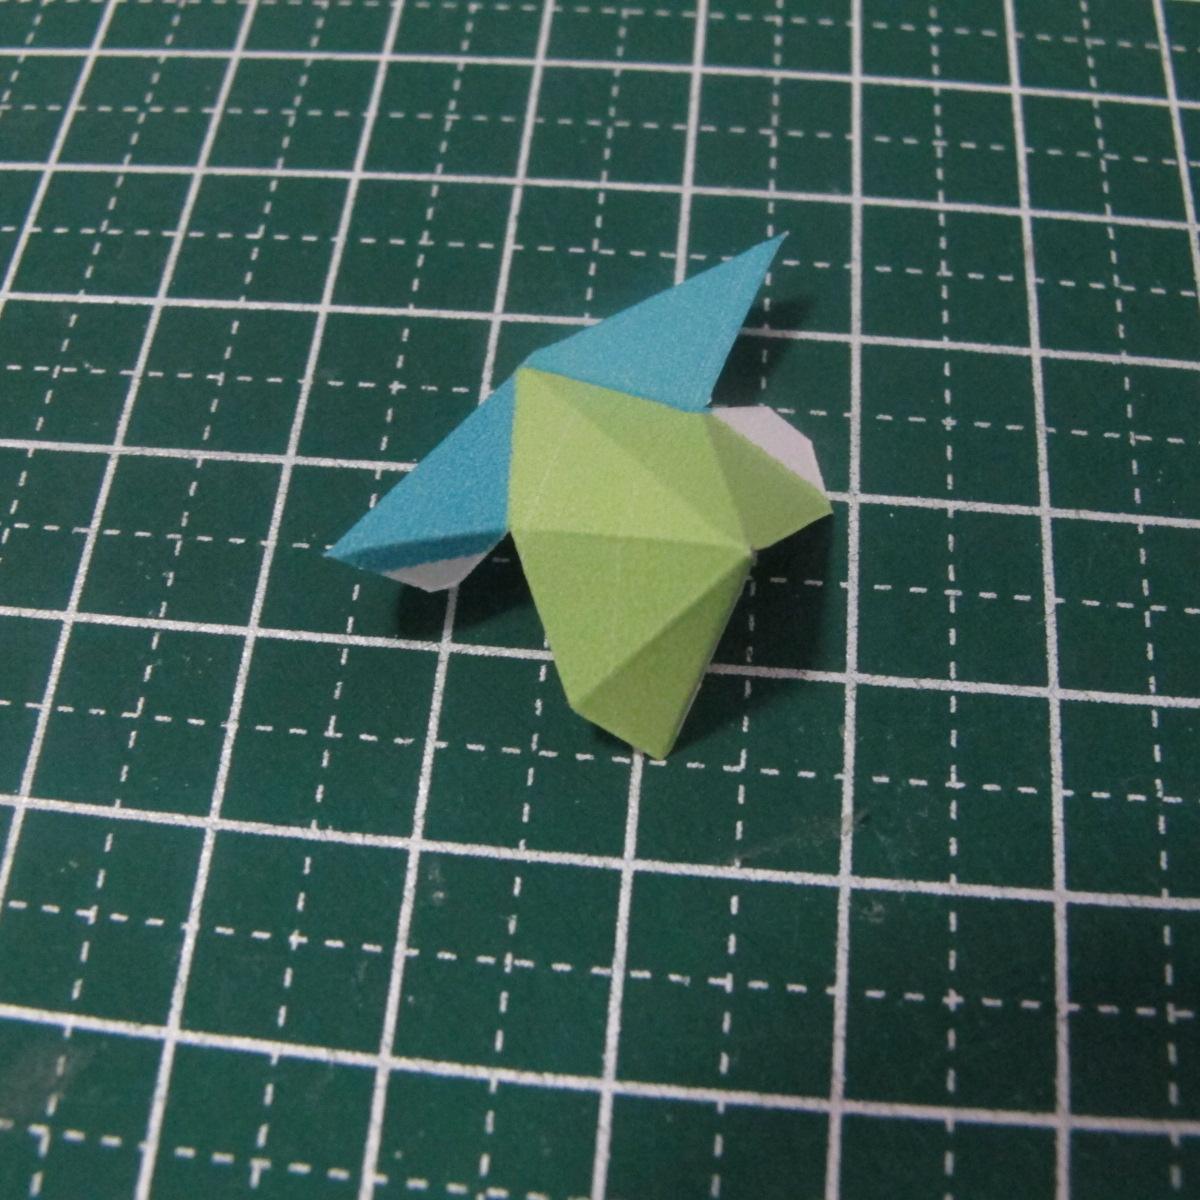 วิธีทำของเล่นโมเดลกระดาษรูปนก (Bird Paper craft ) 007